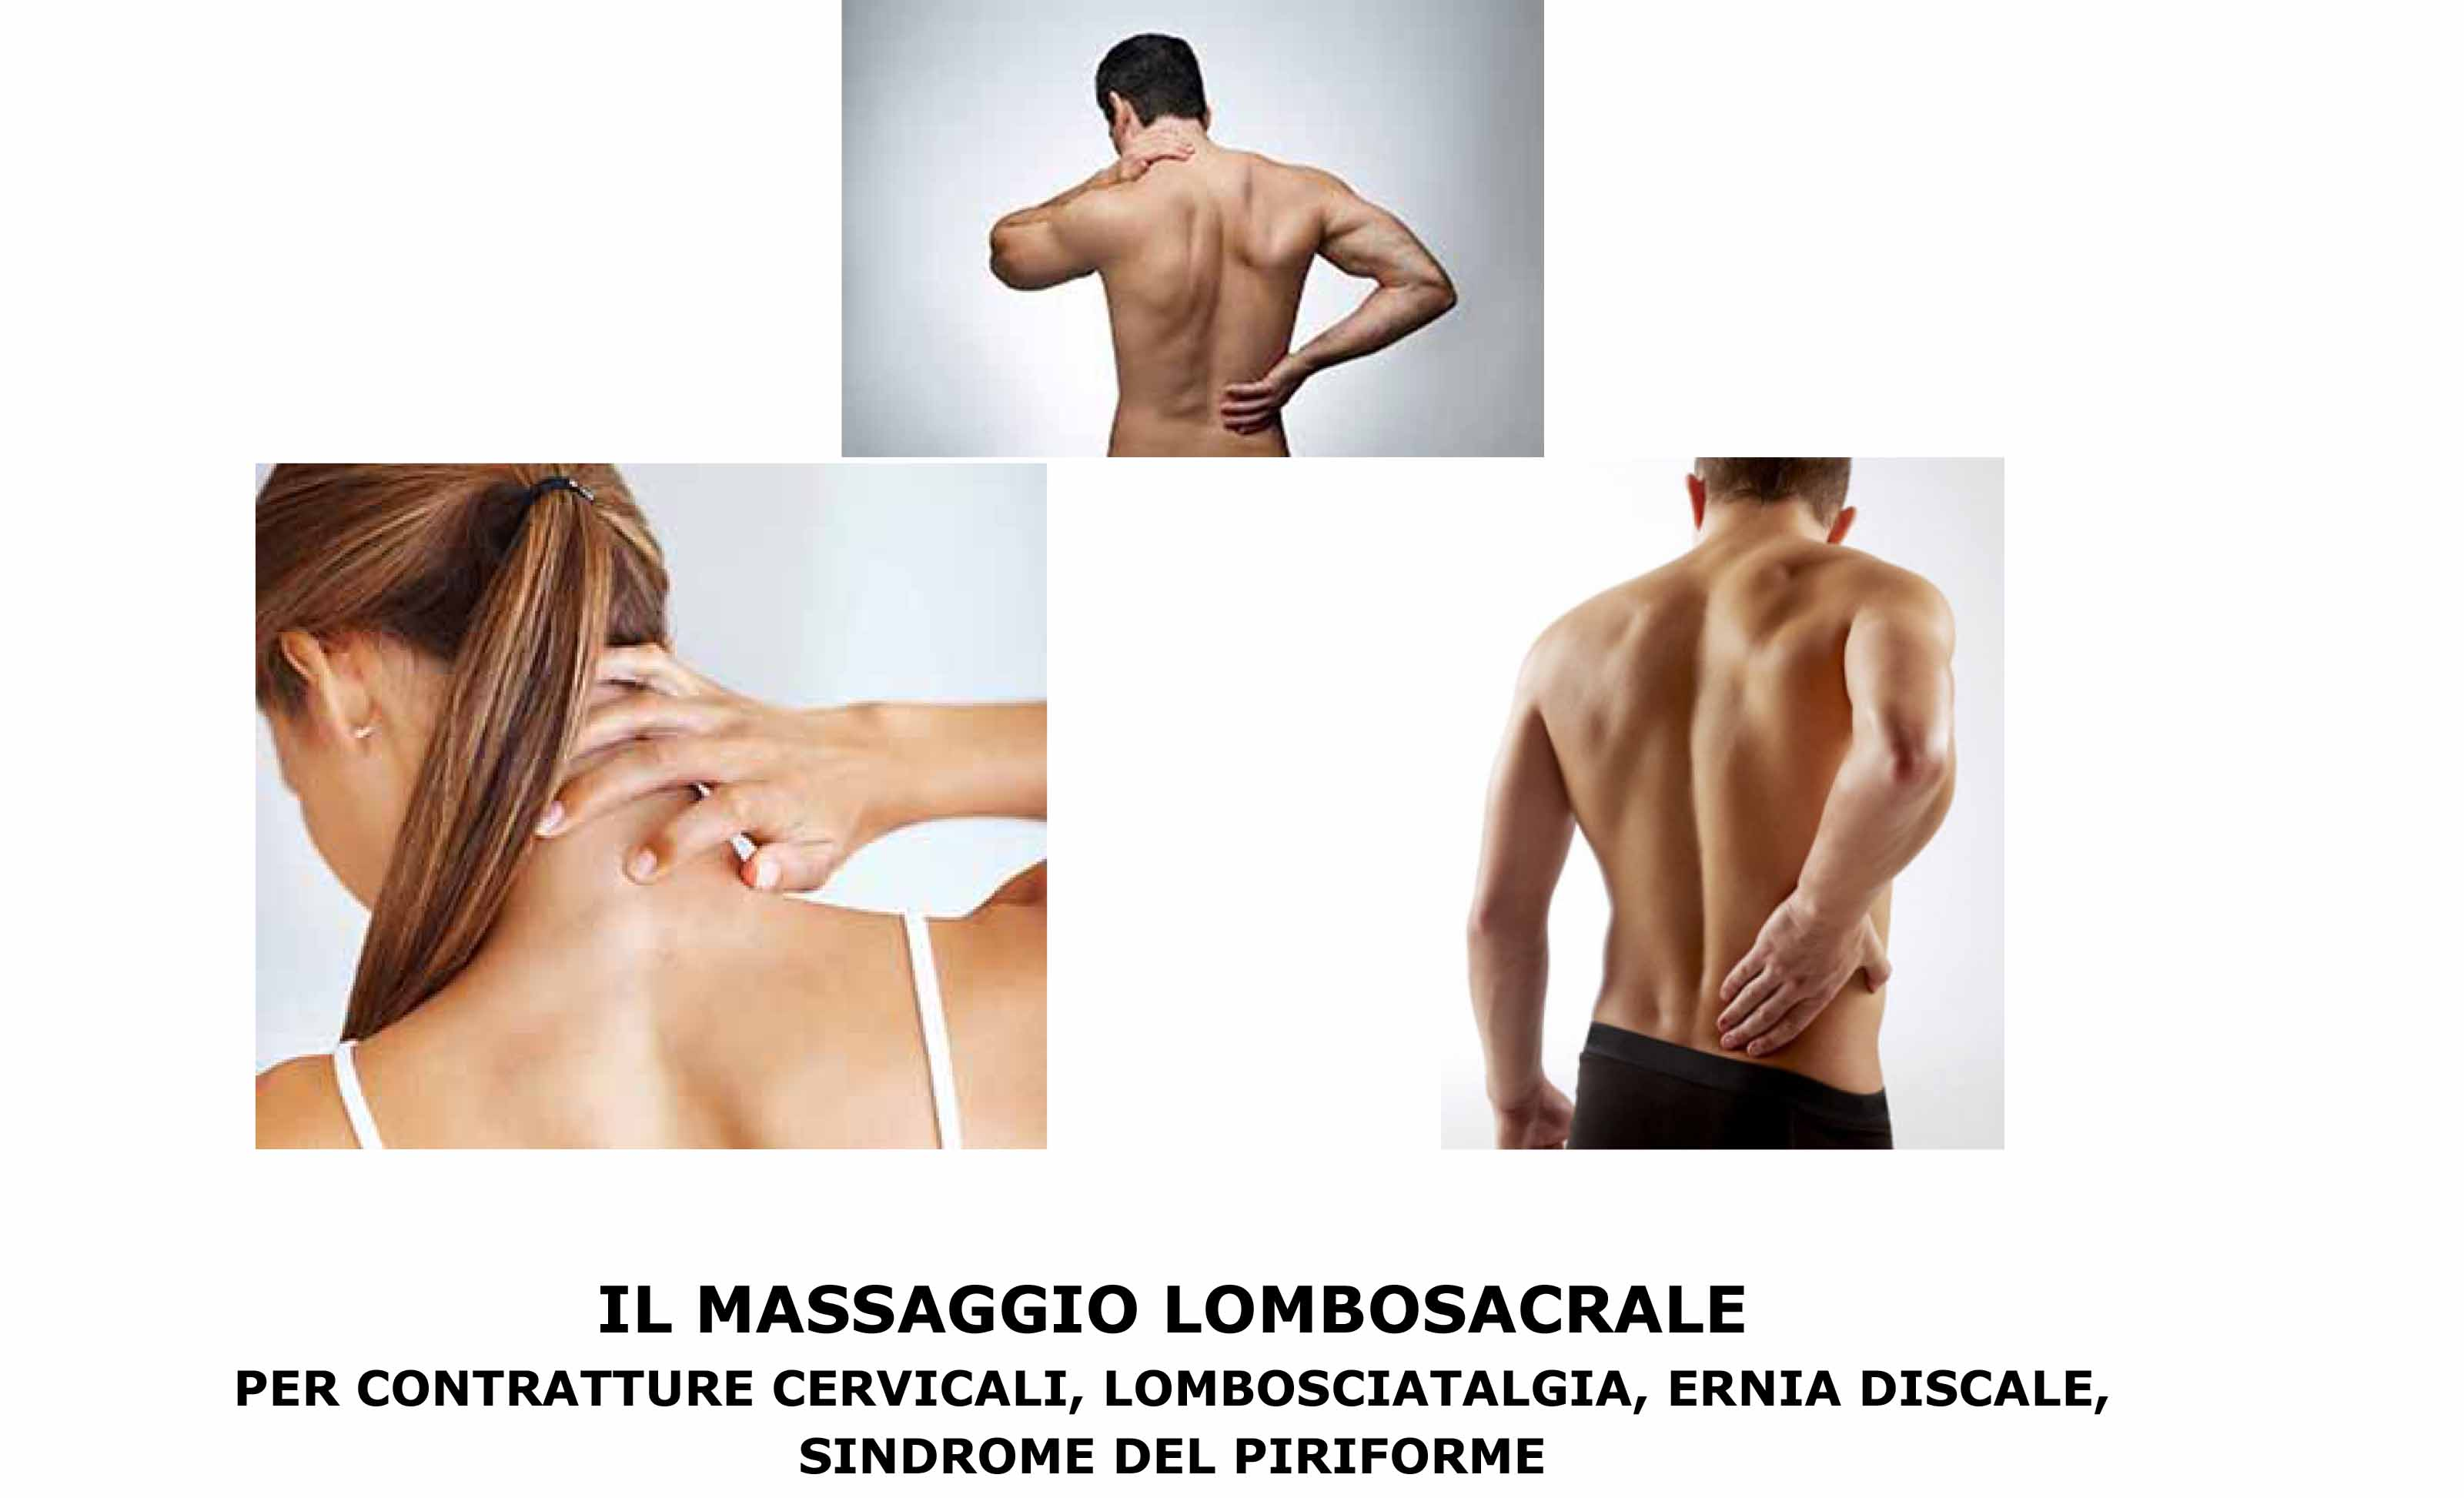 Il mio Massaggio Lombosacrale